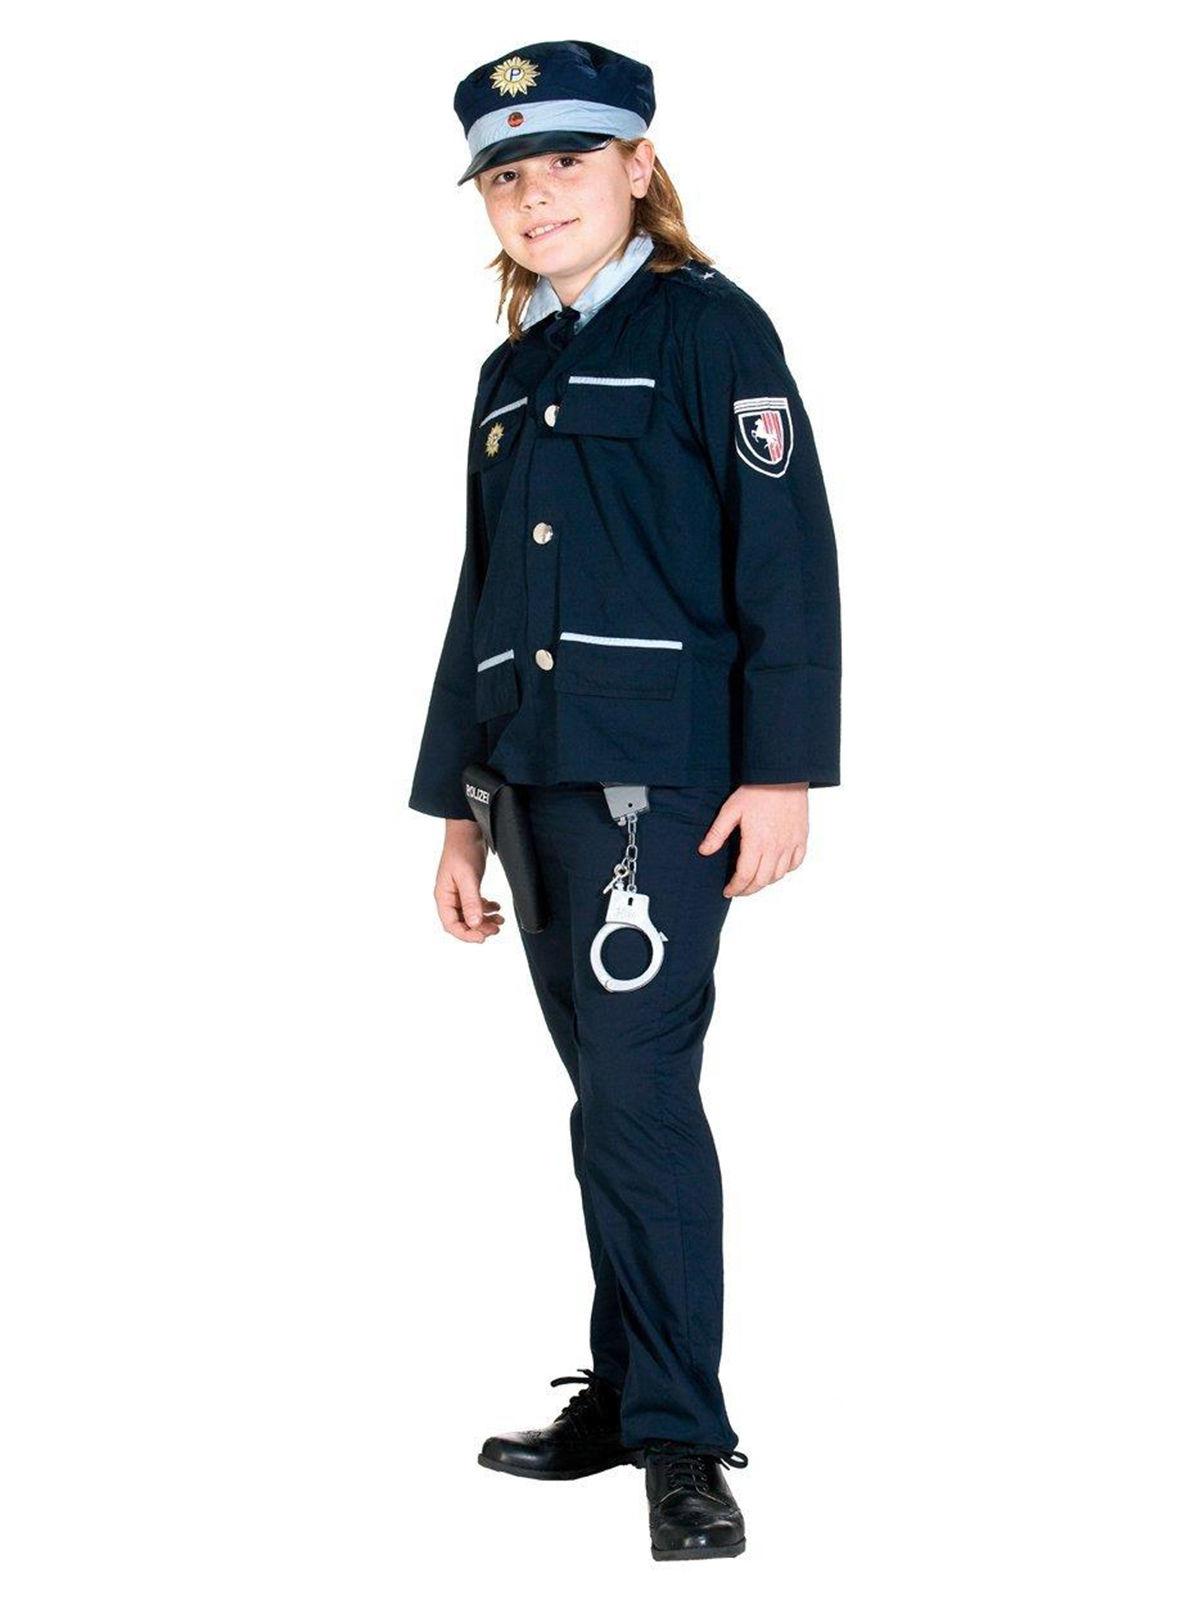 Polizei Polizist Kinderkostum Dunkelblau Hellblau Gunstige